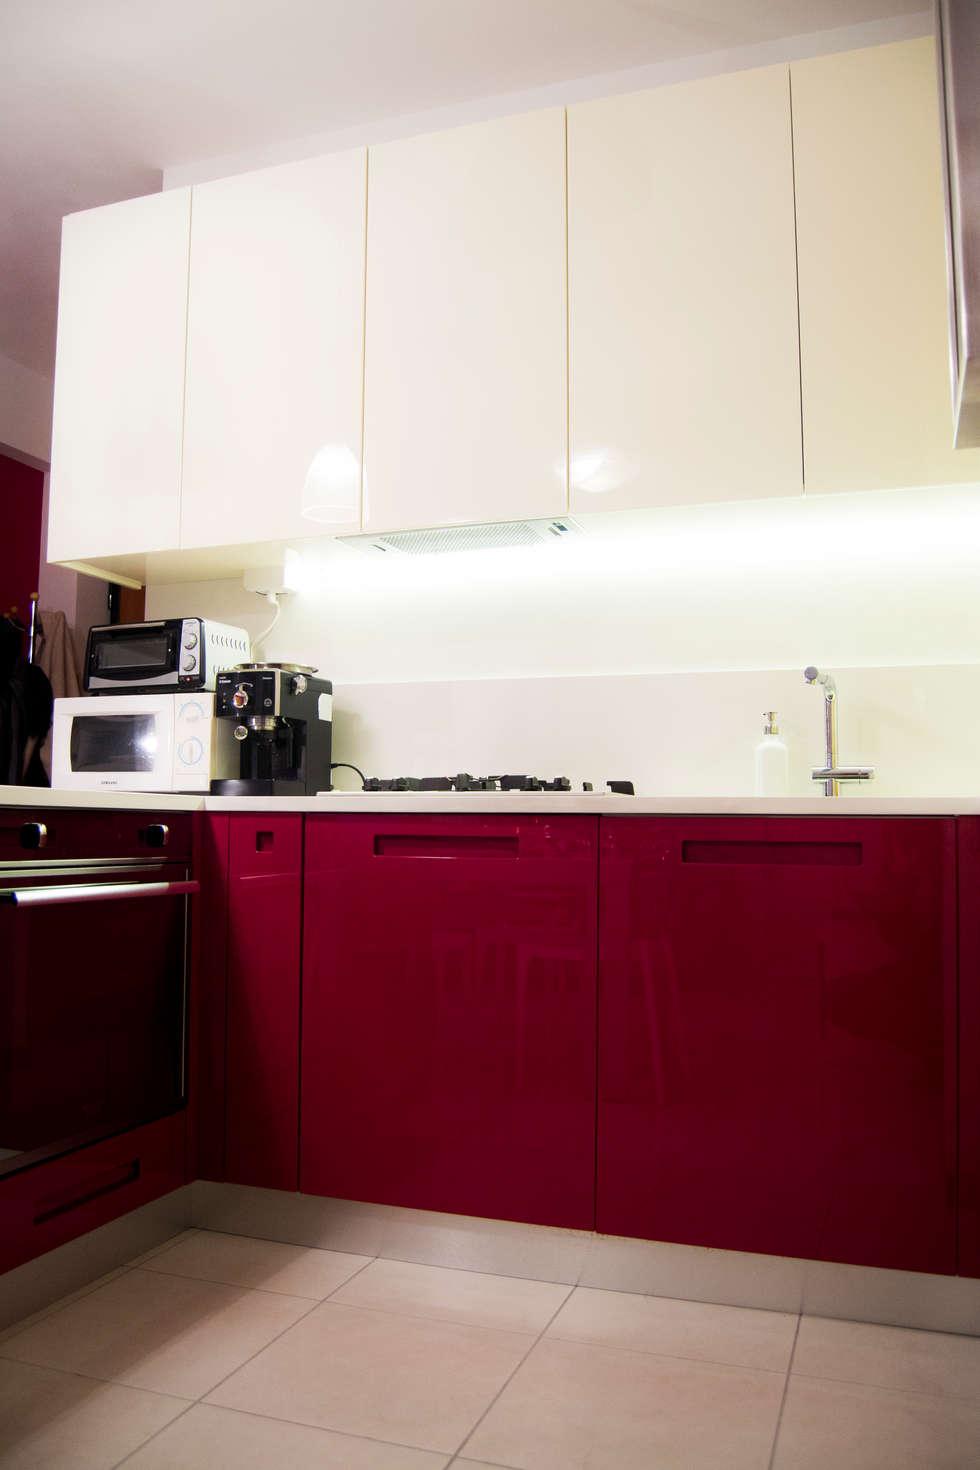 Cucina bicolore laccata lucida rossa e bianca di Arredamenti Ancona ...